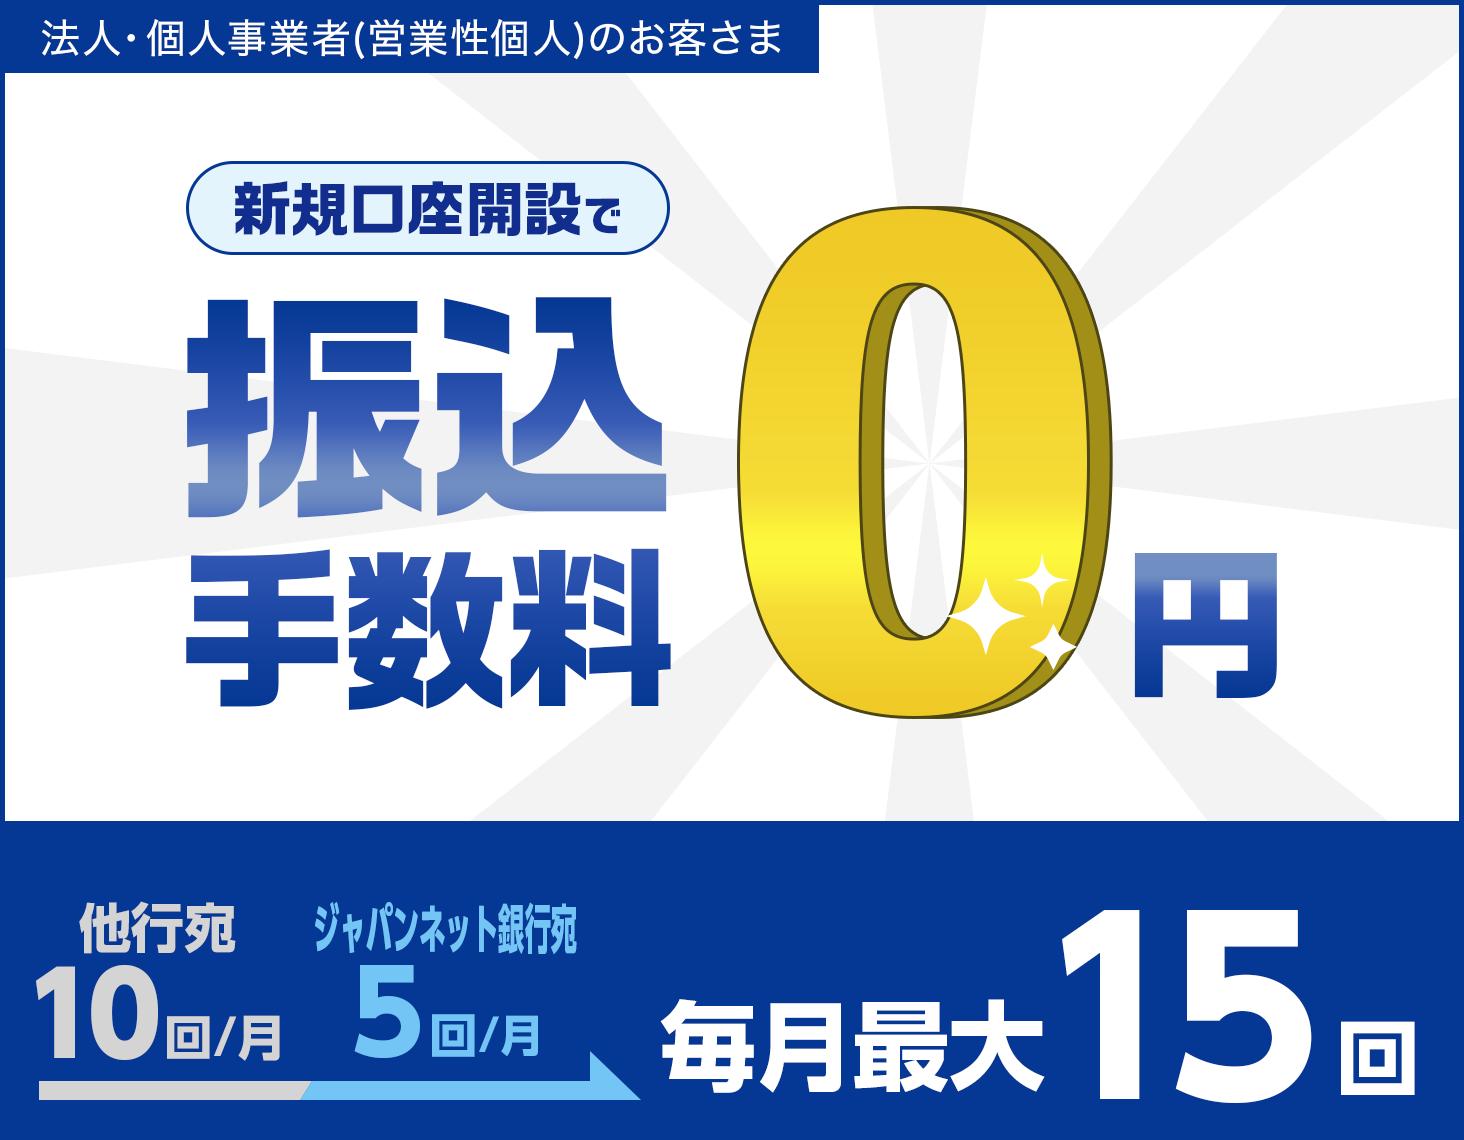 ジャパン ネット 銀行 法人